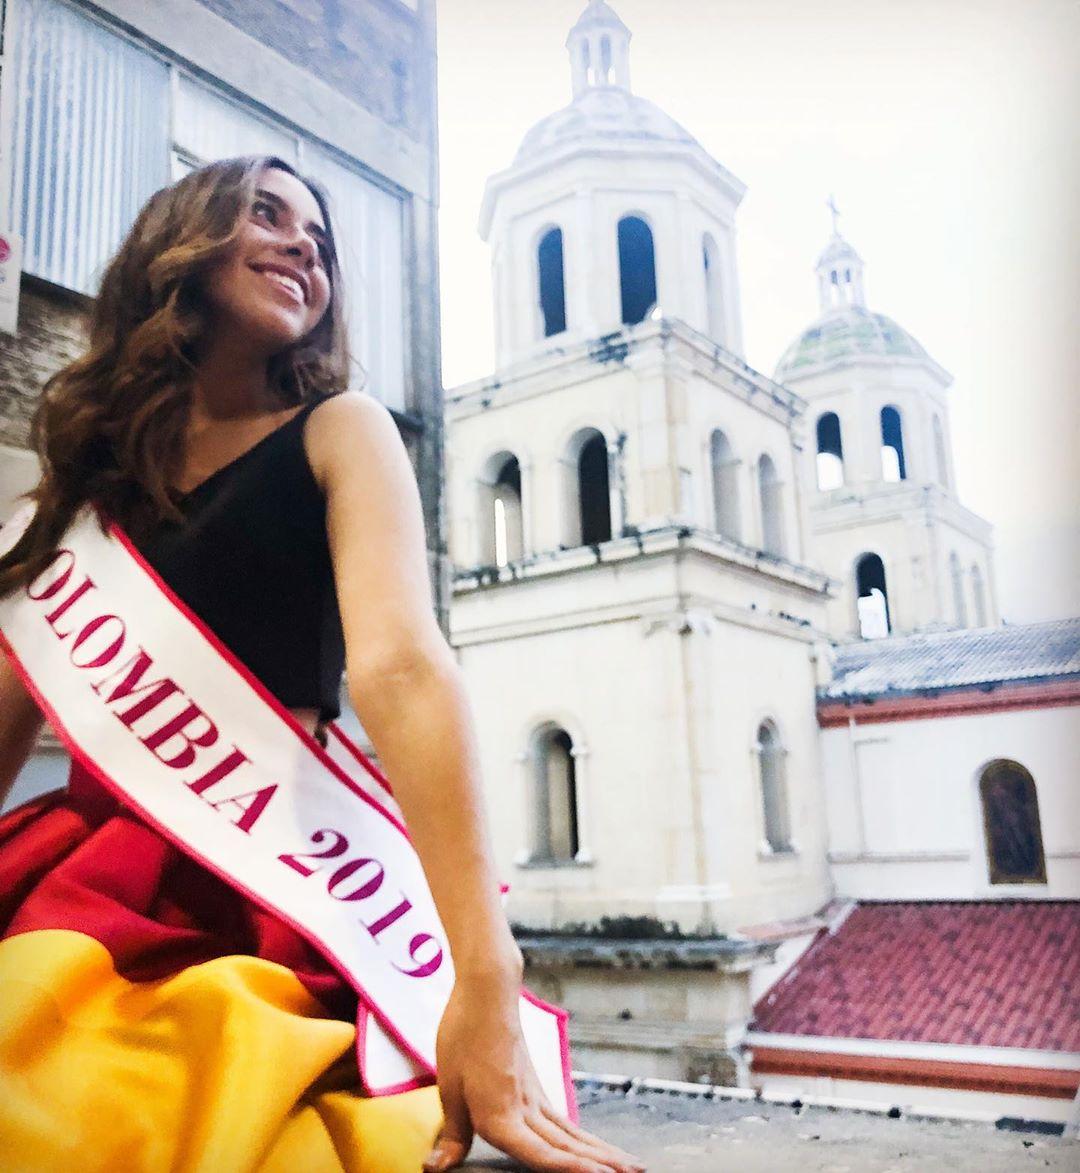 maya mejia ospina, miss teen mundial colombia 2019. - Página 2 59944210